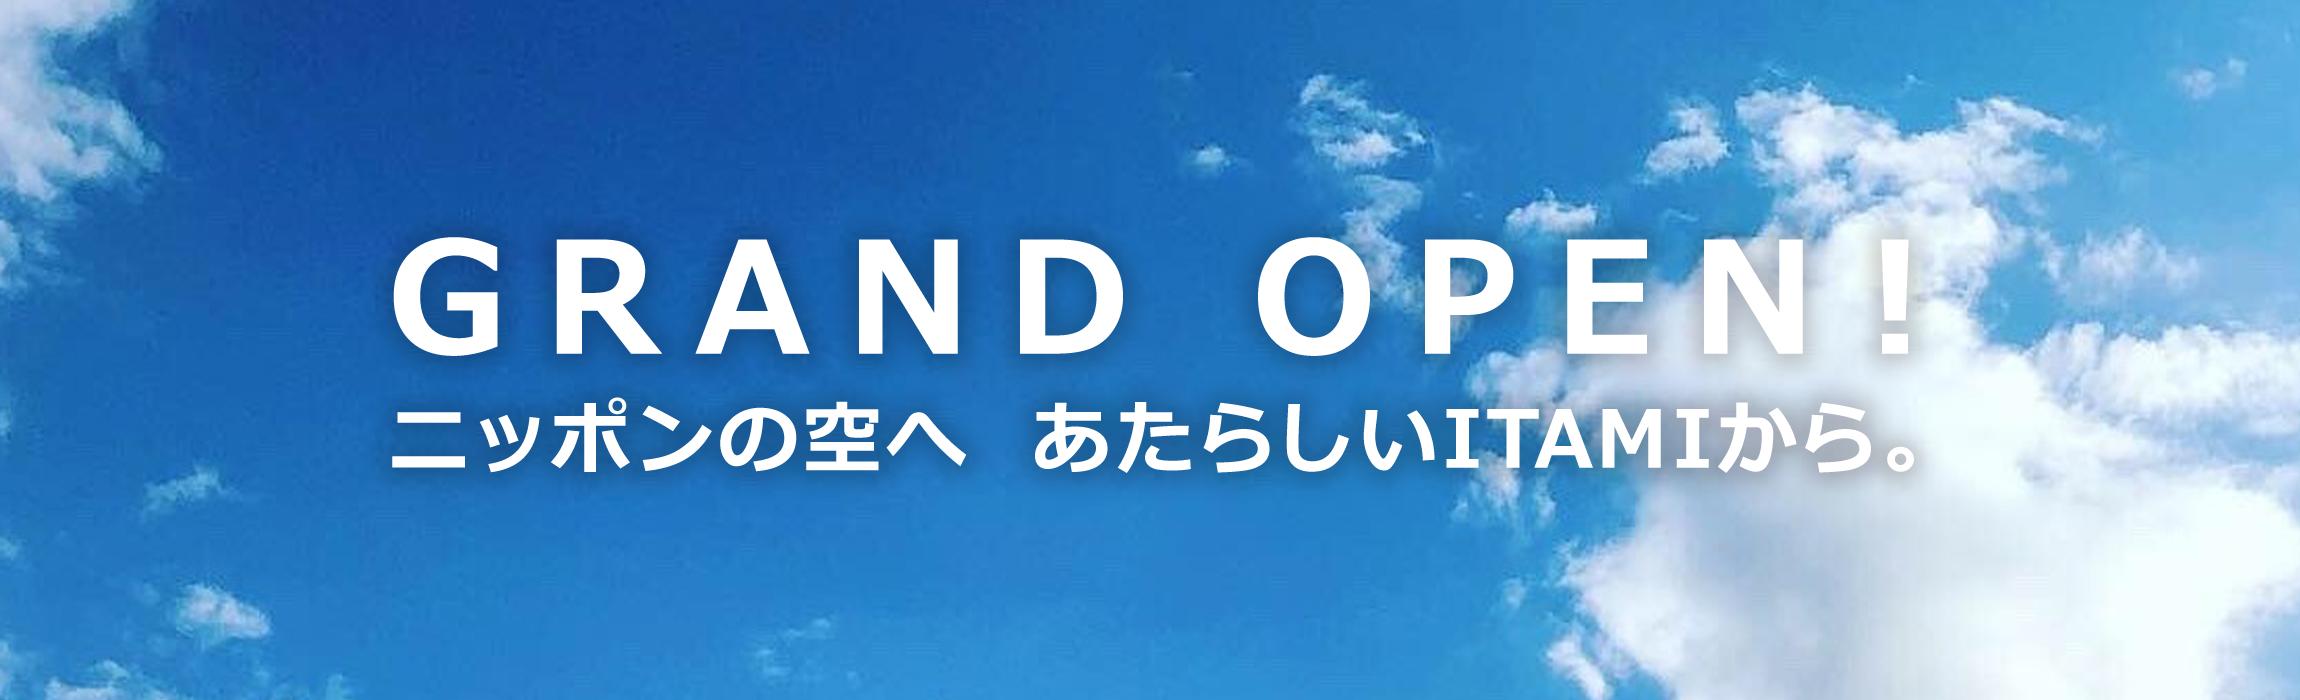 GRAND OPEN!ニッポンの空へ あたらしいITAMIから